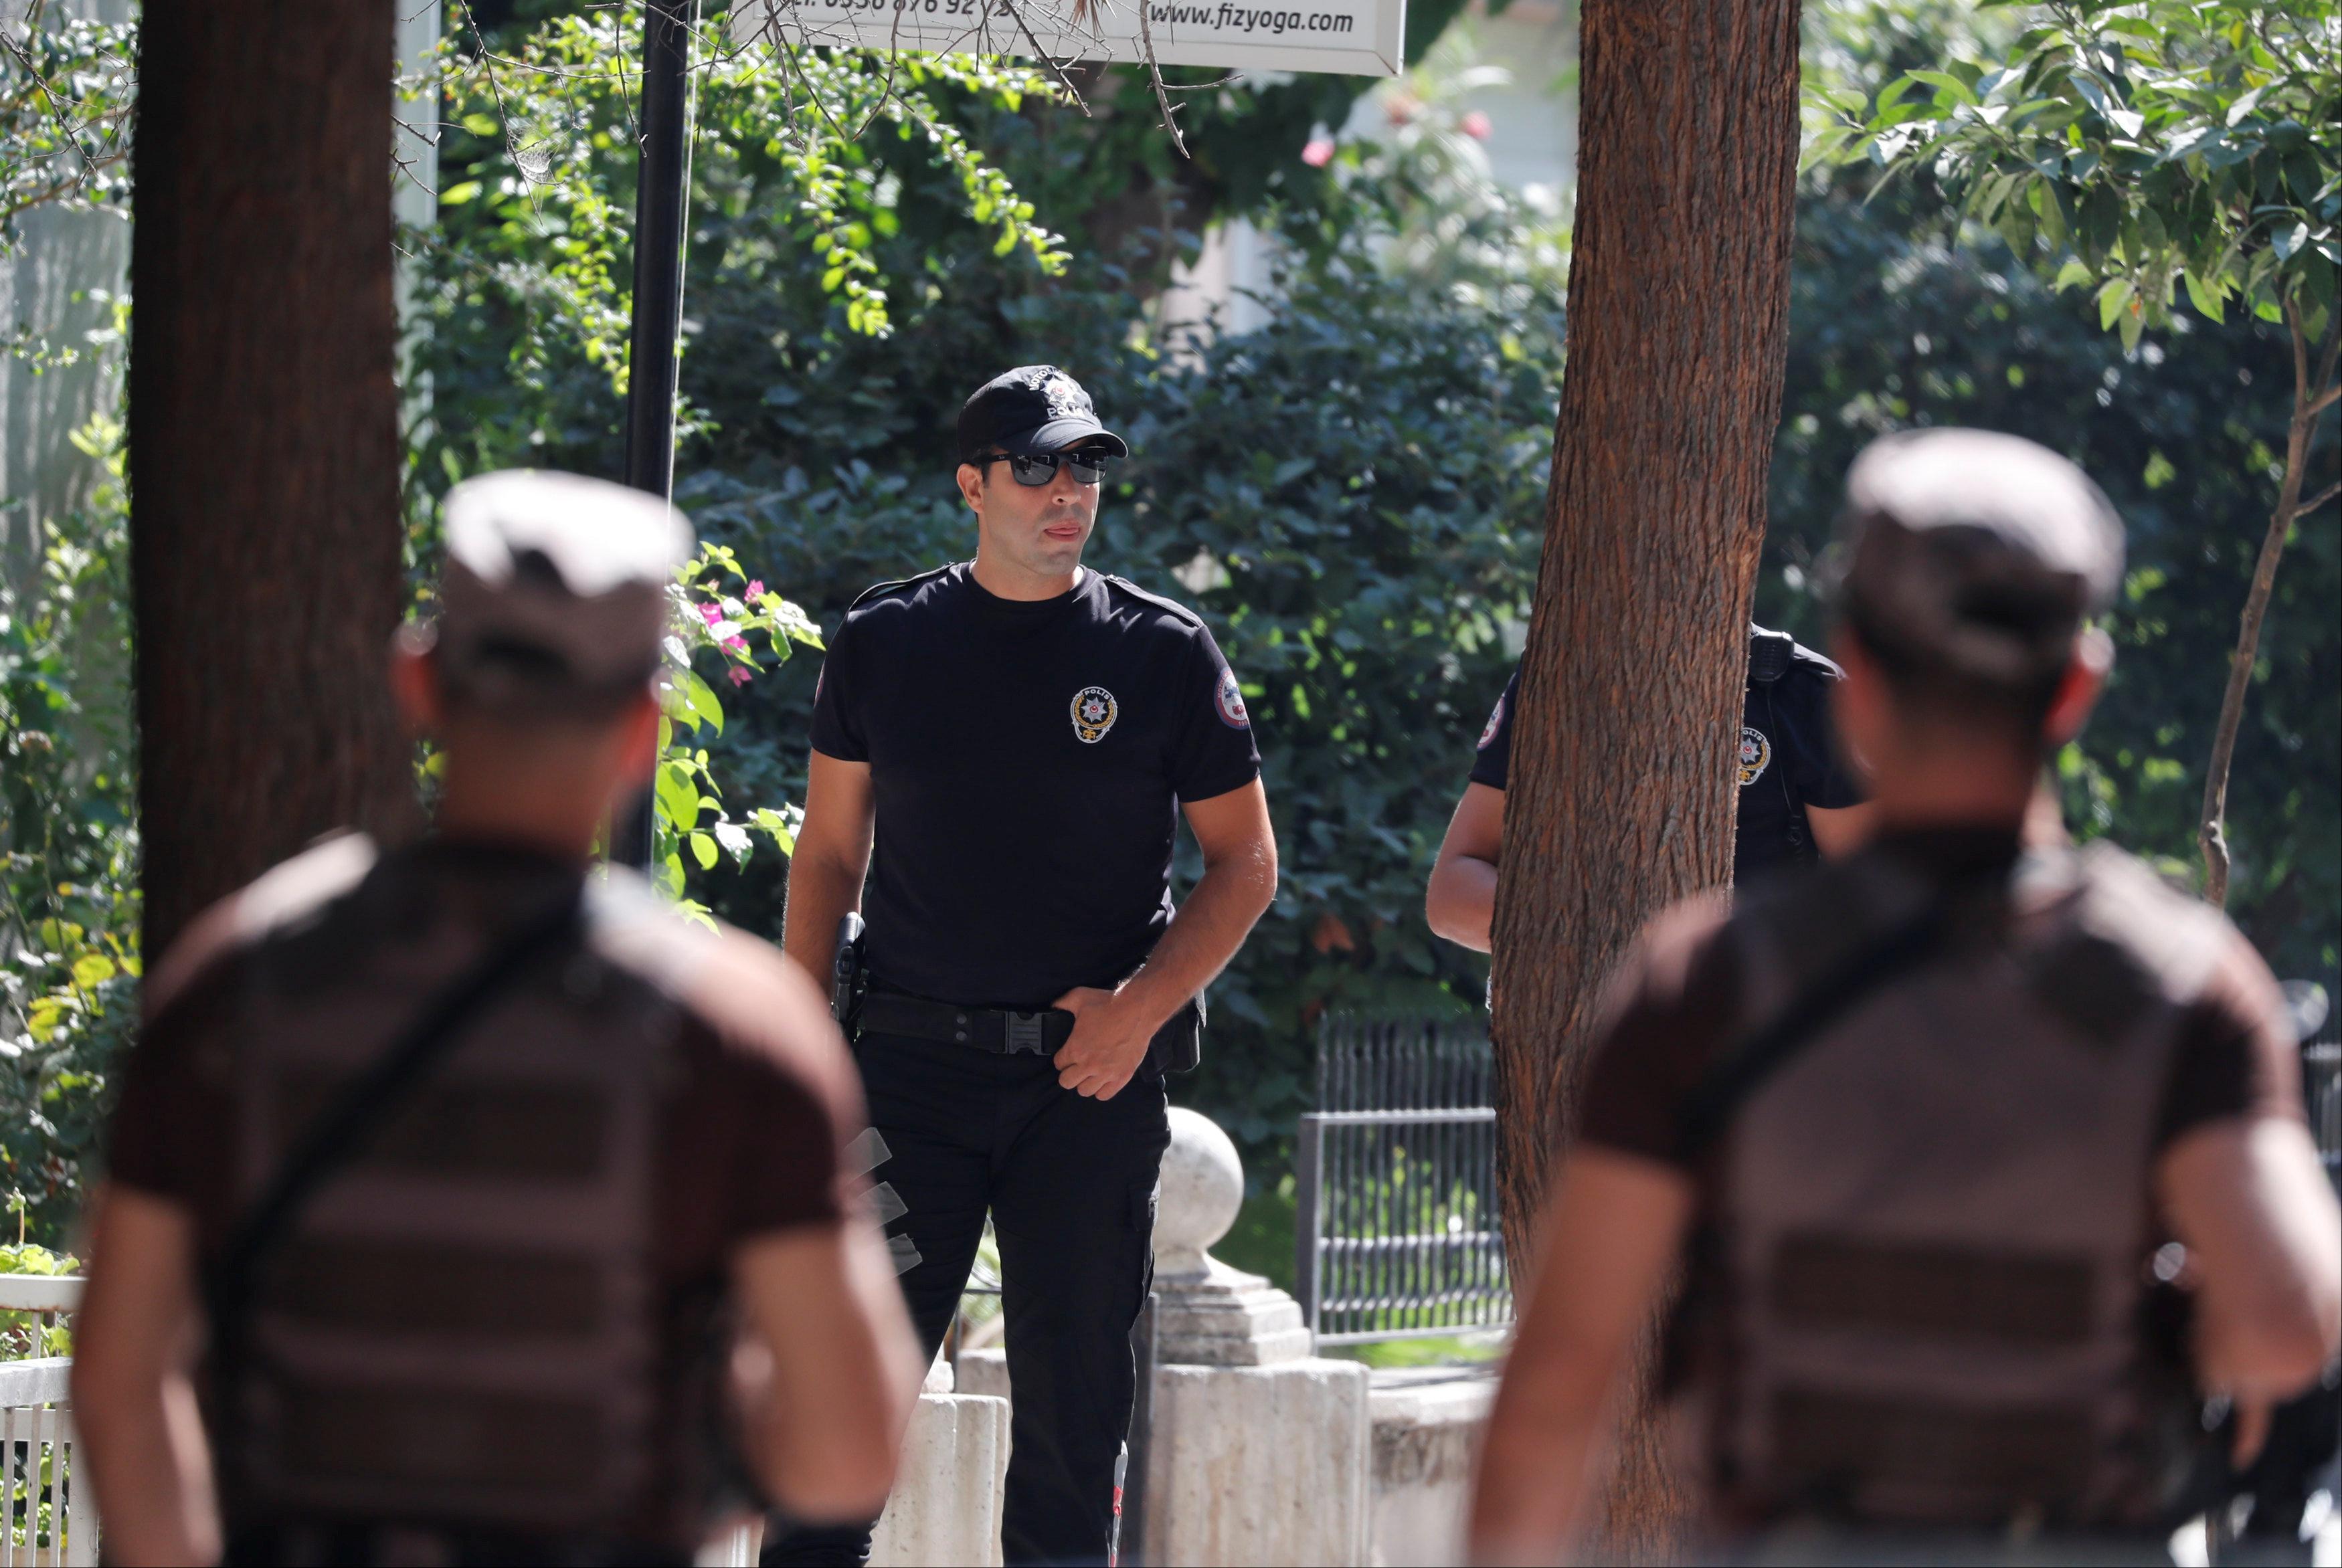 Σύλληψη Γερμανού πολίτη στην Τουρκία μετά την απελευθέρωση των δύο Ελλήνων